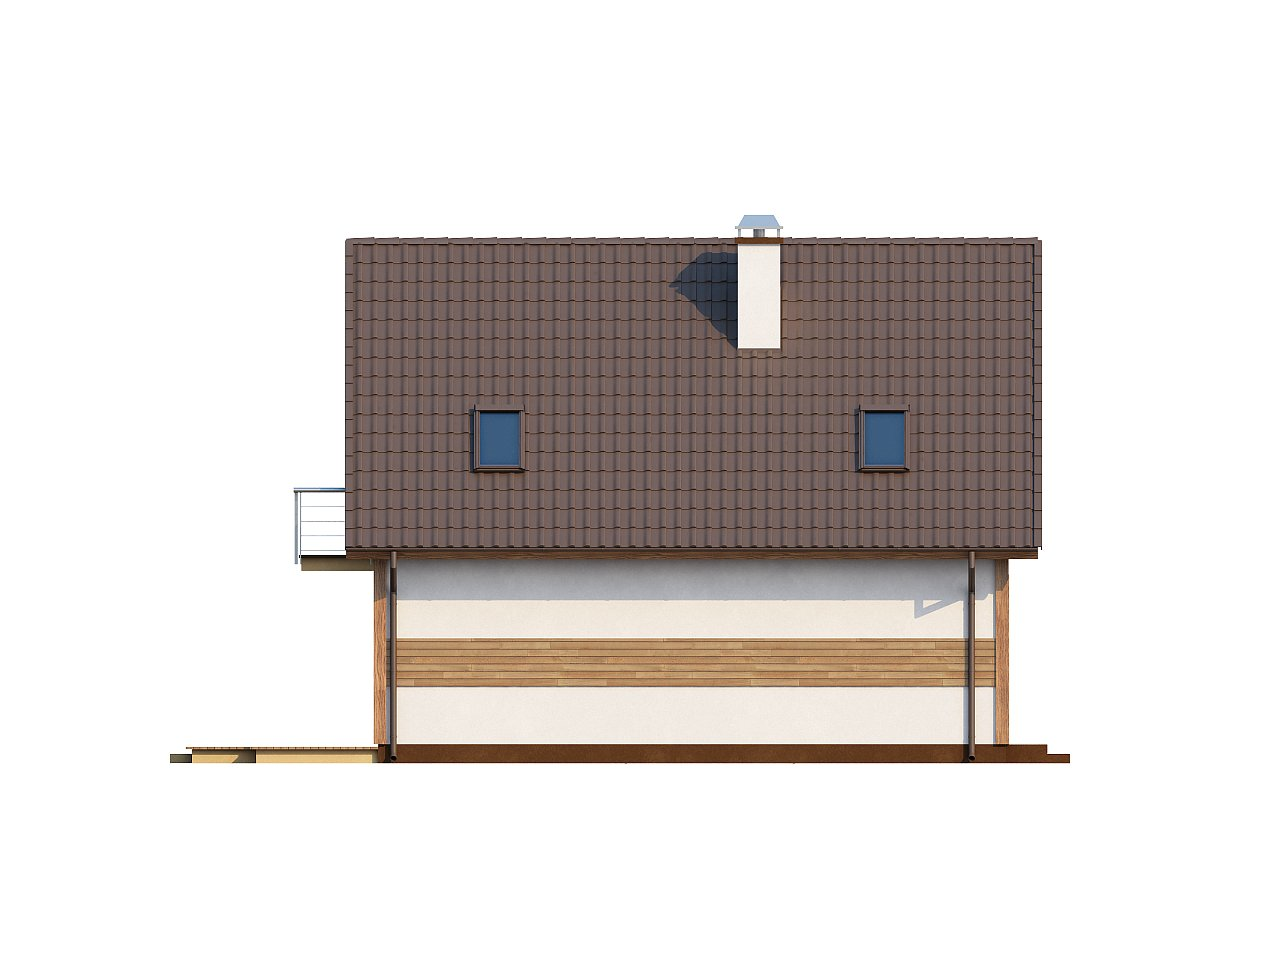 Предложение выгодного и практичного дома, подходящего для удлиненного или, наоборот, неглубокого участка. 5